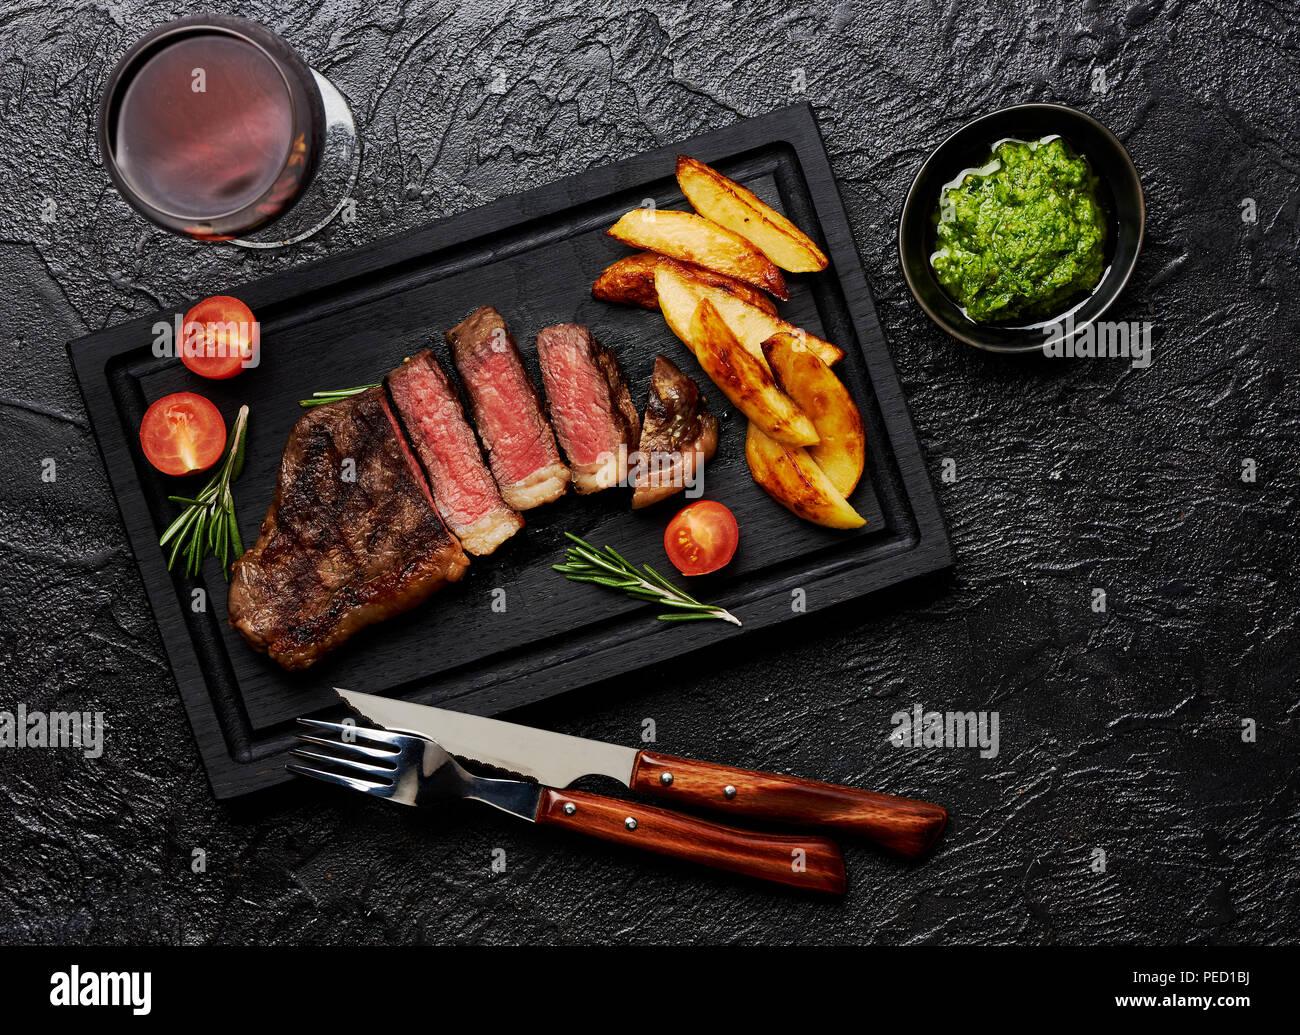 Quand est steak et BJ jour